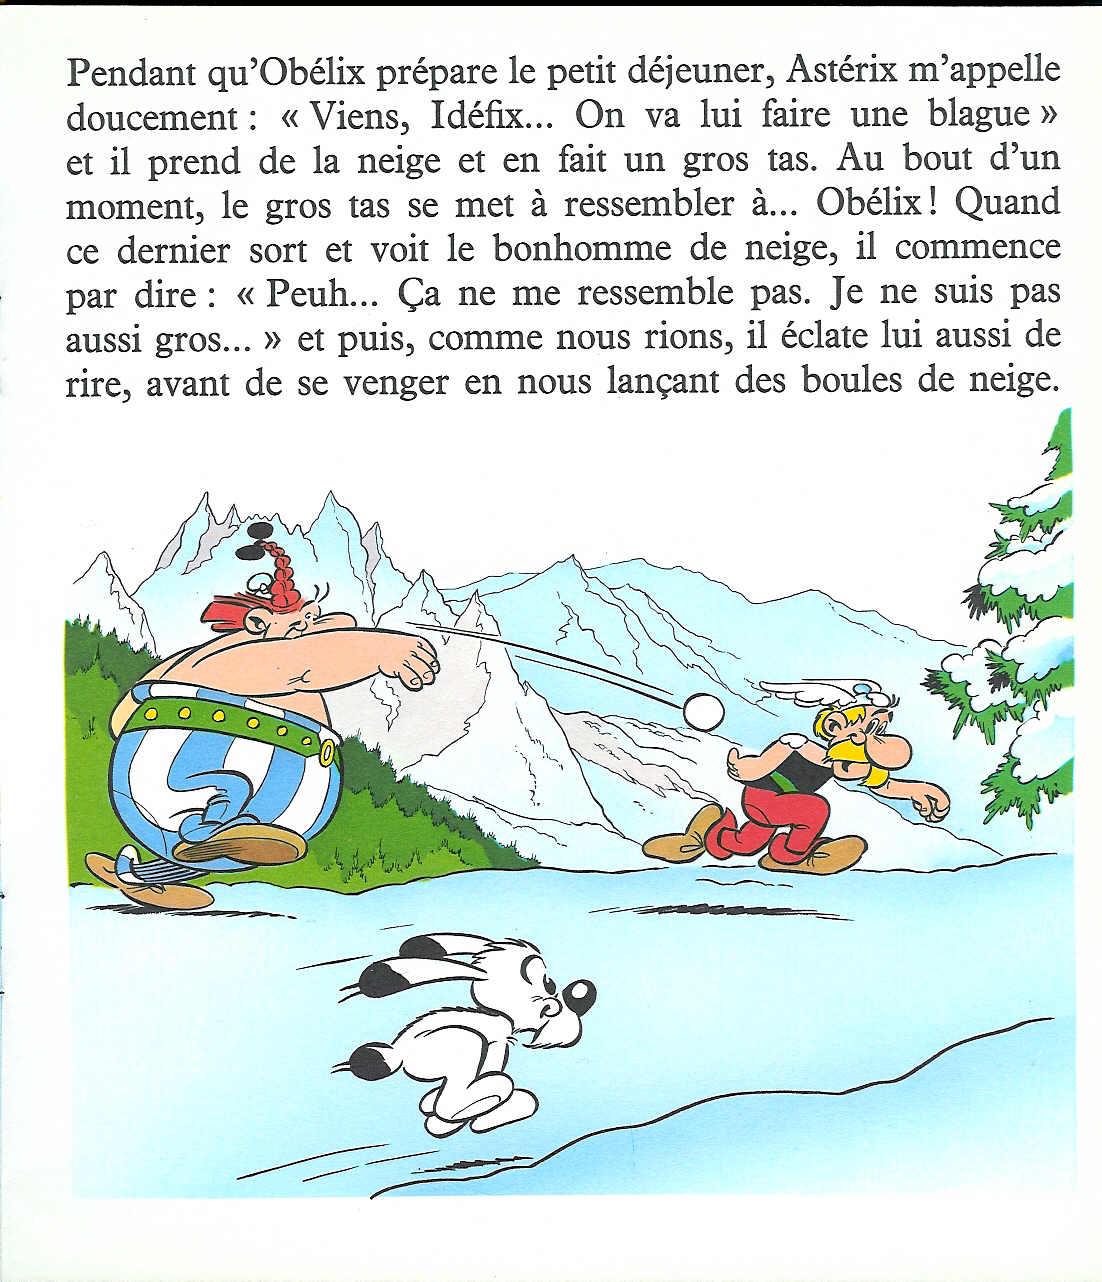 T07 : Idéfix à la neige (page 4)